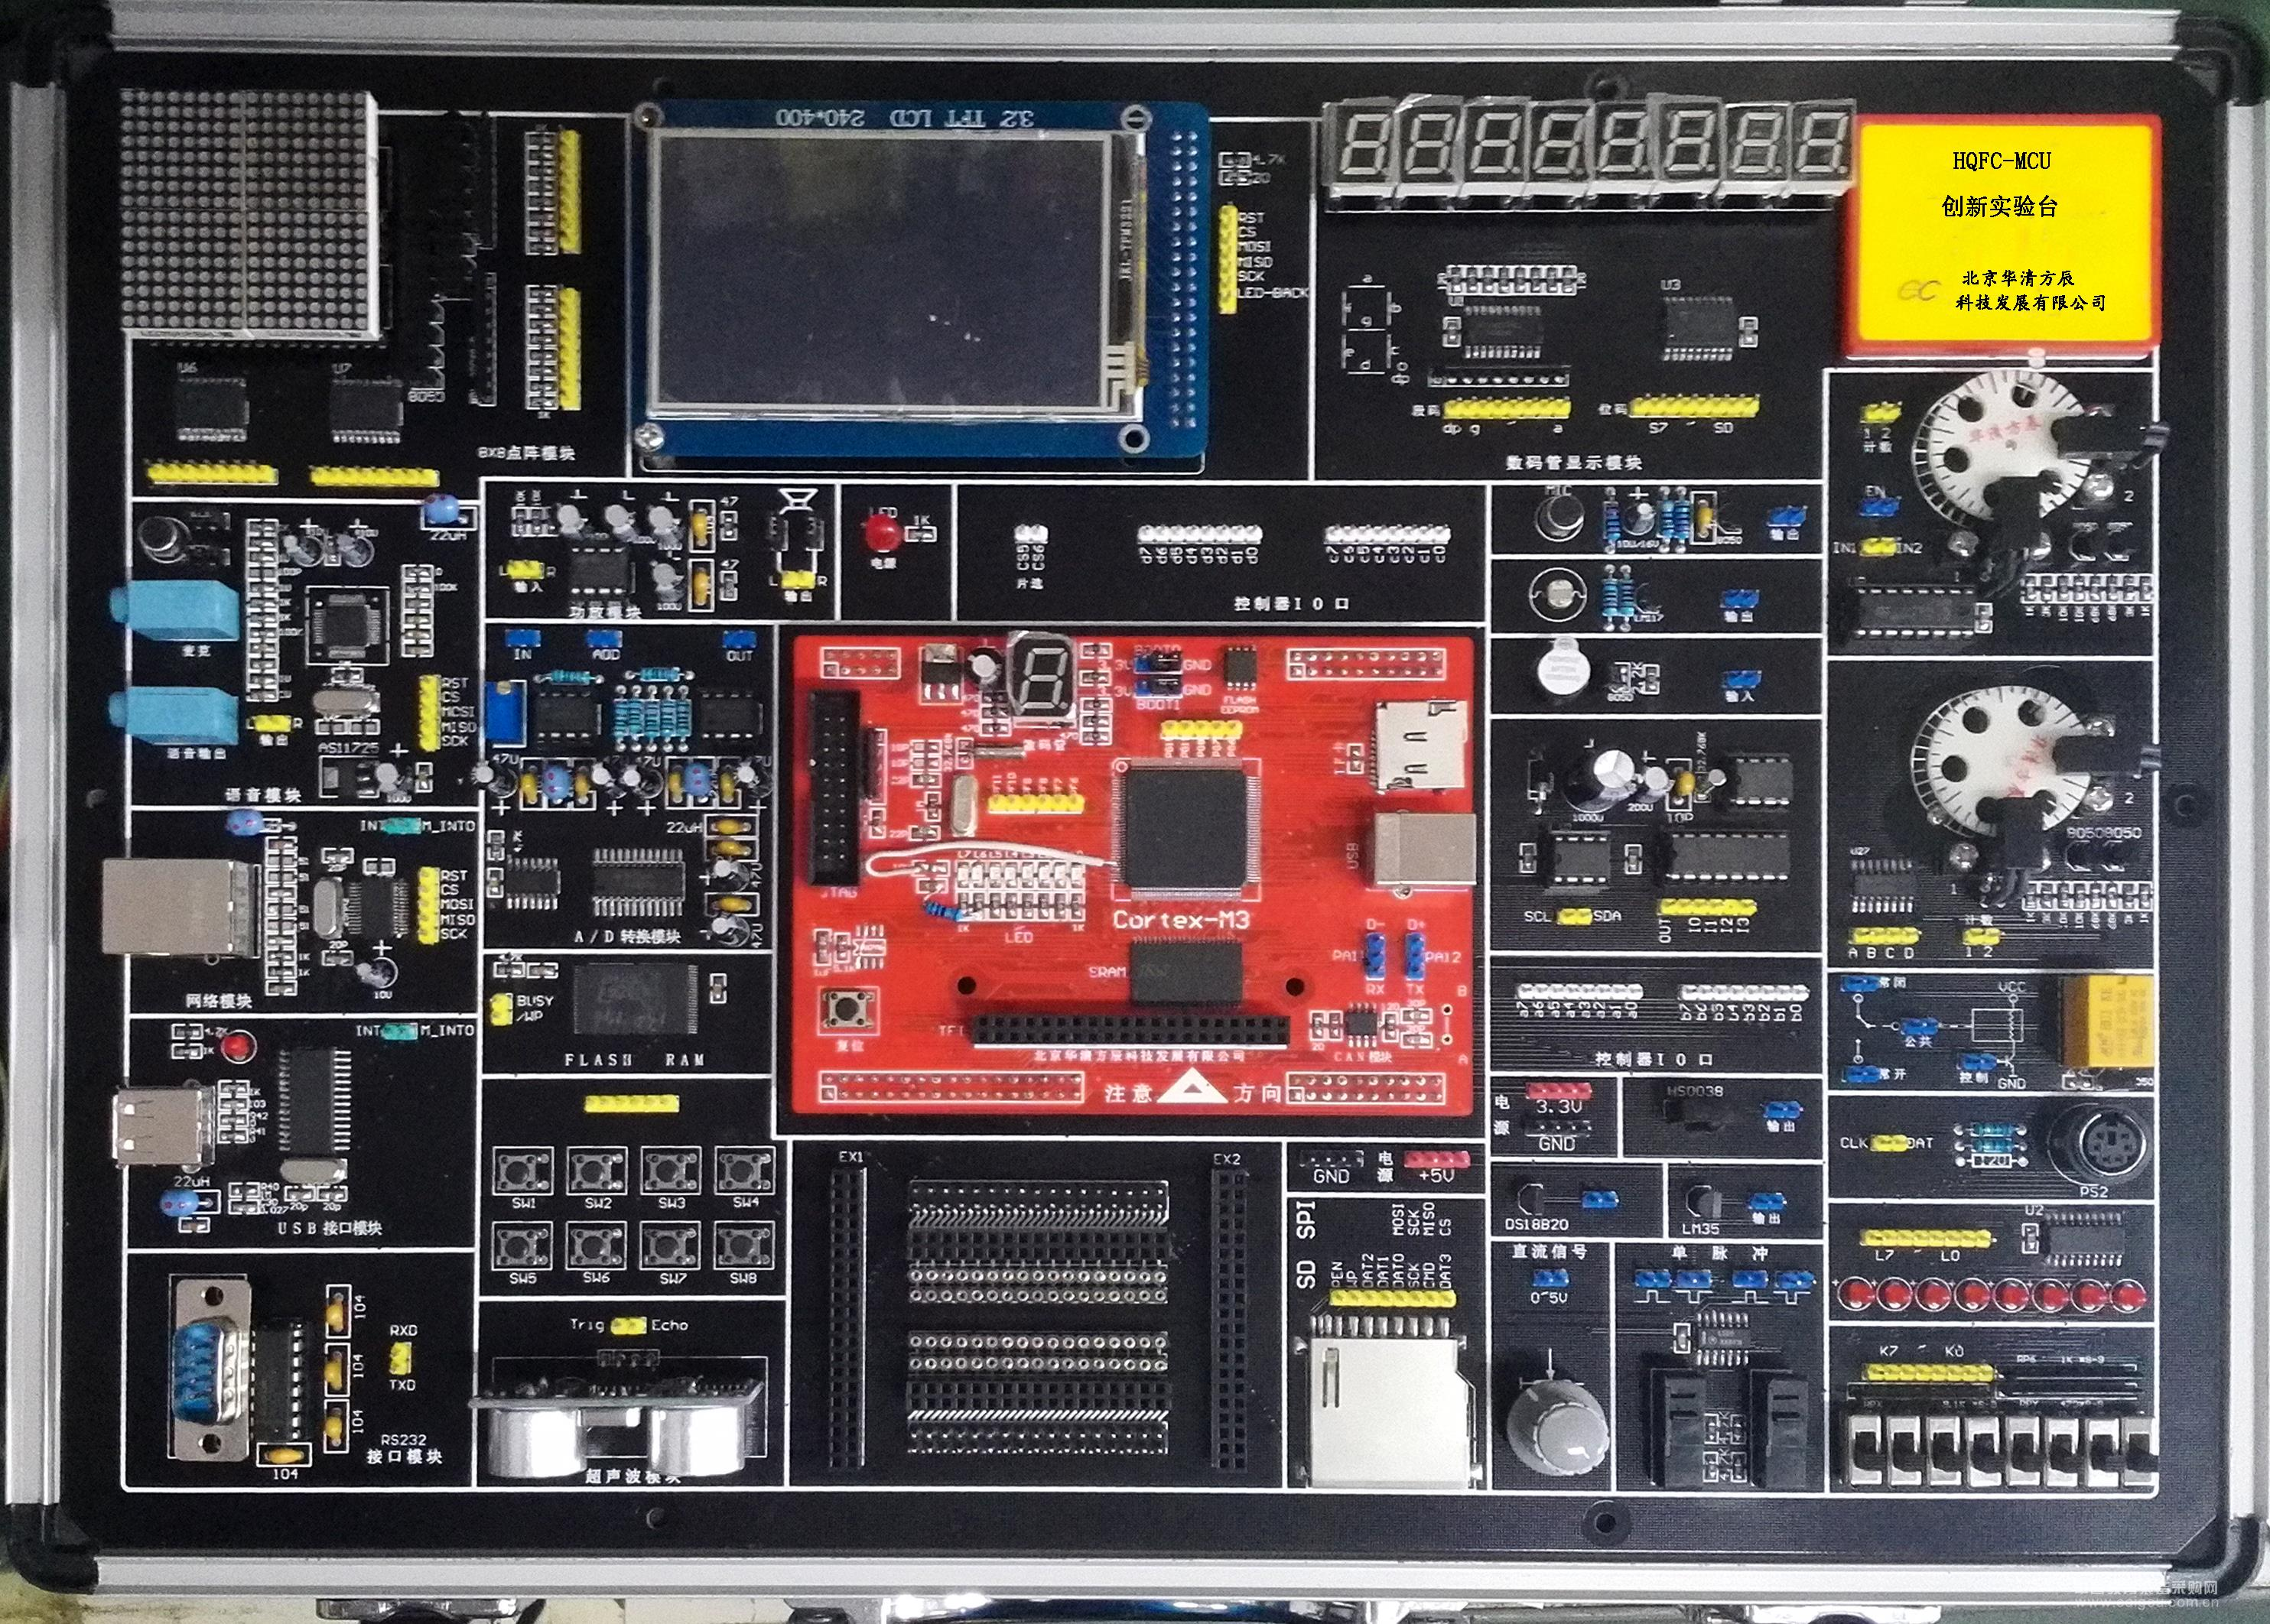 HQFC-MCU創新實驗系統